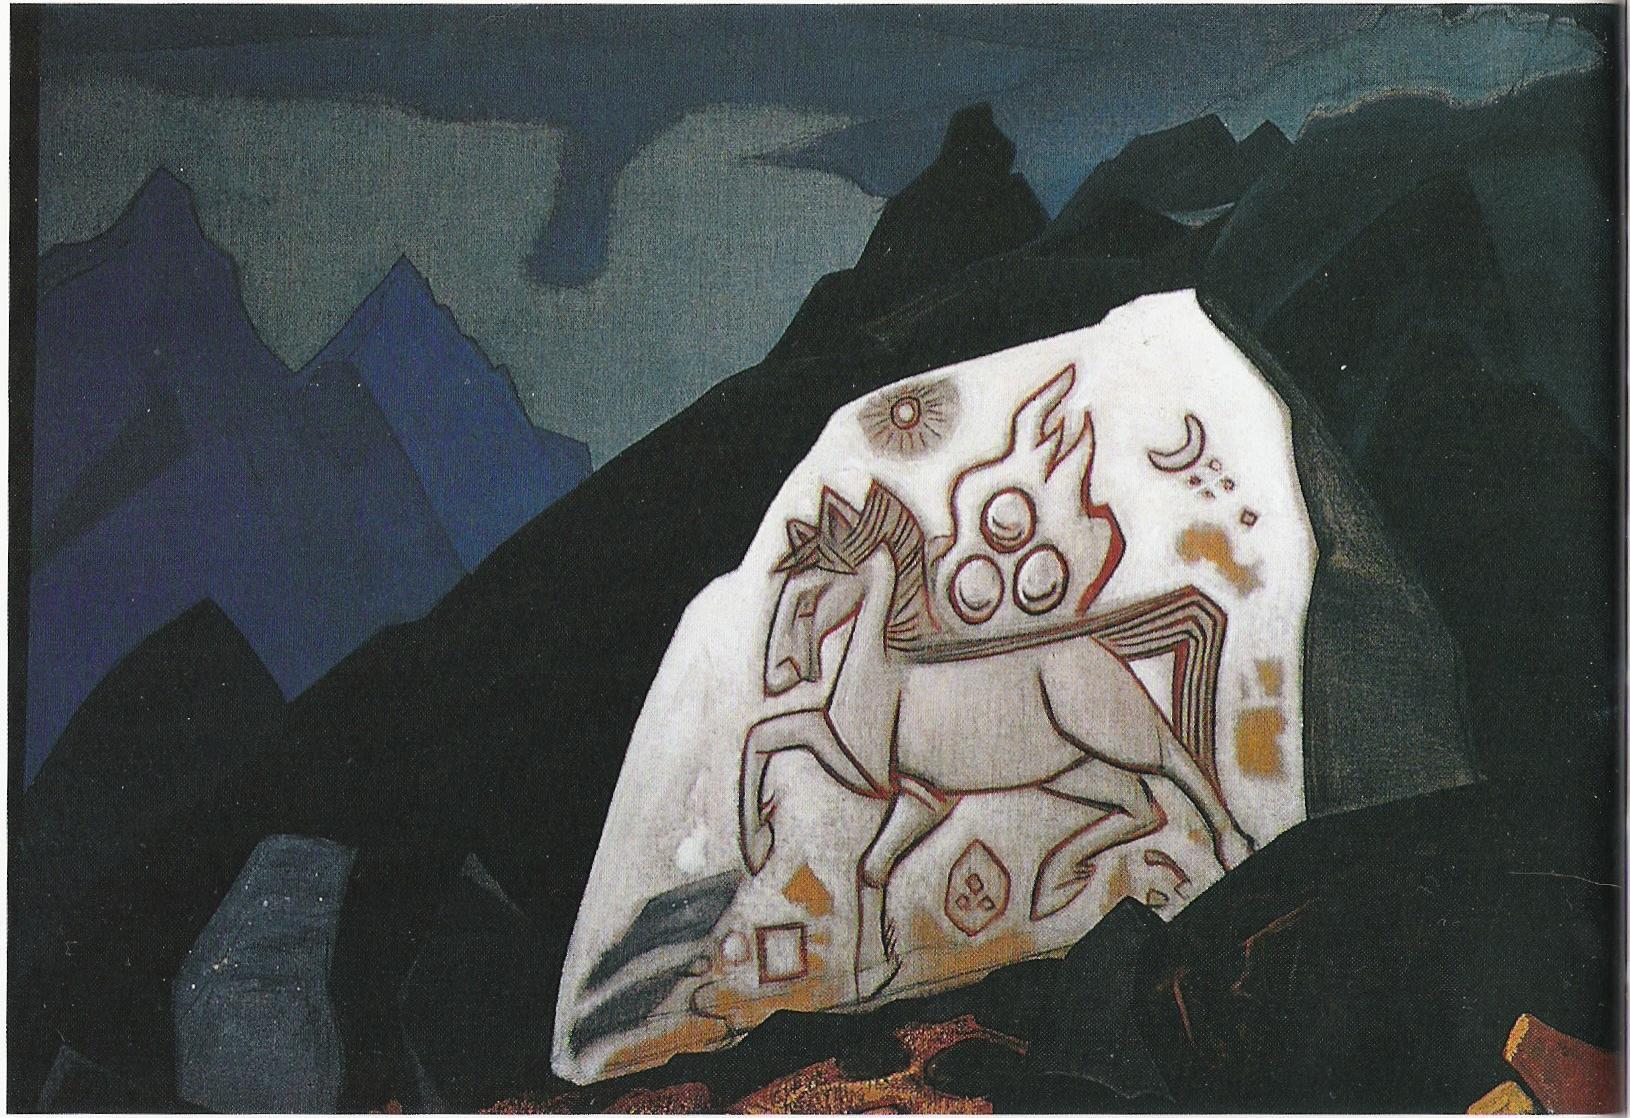 La Pierre blanche-1933-Détrempe sur toile-105,4x82,5cm-Musée NicolasRoerich New York